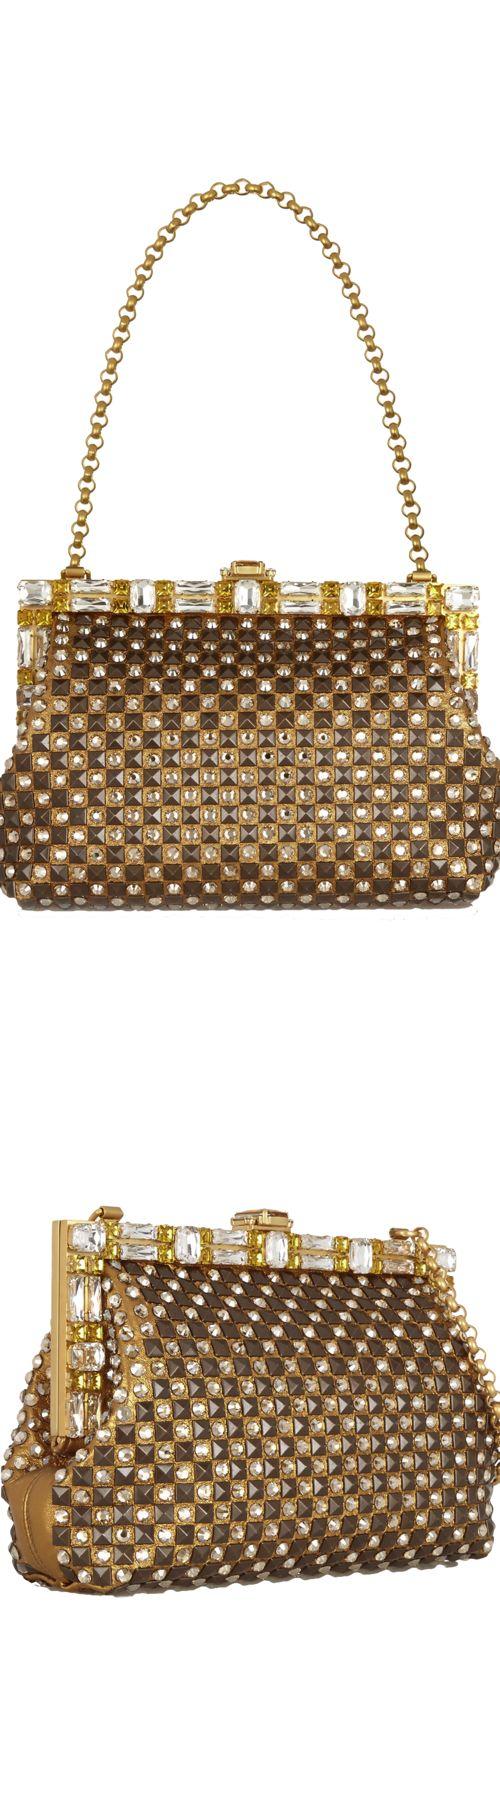 Dolce&Gabbana  040115